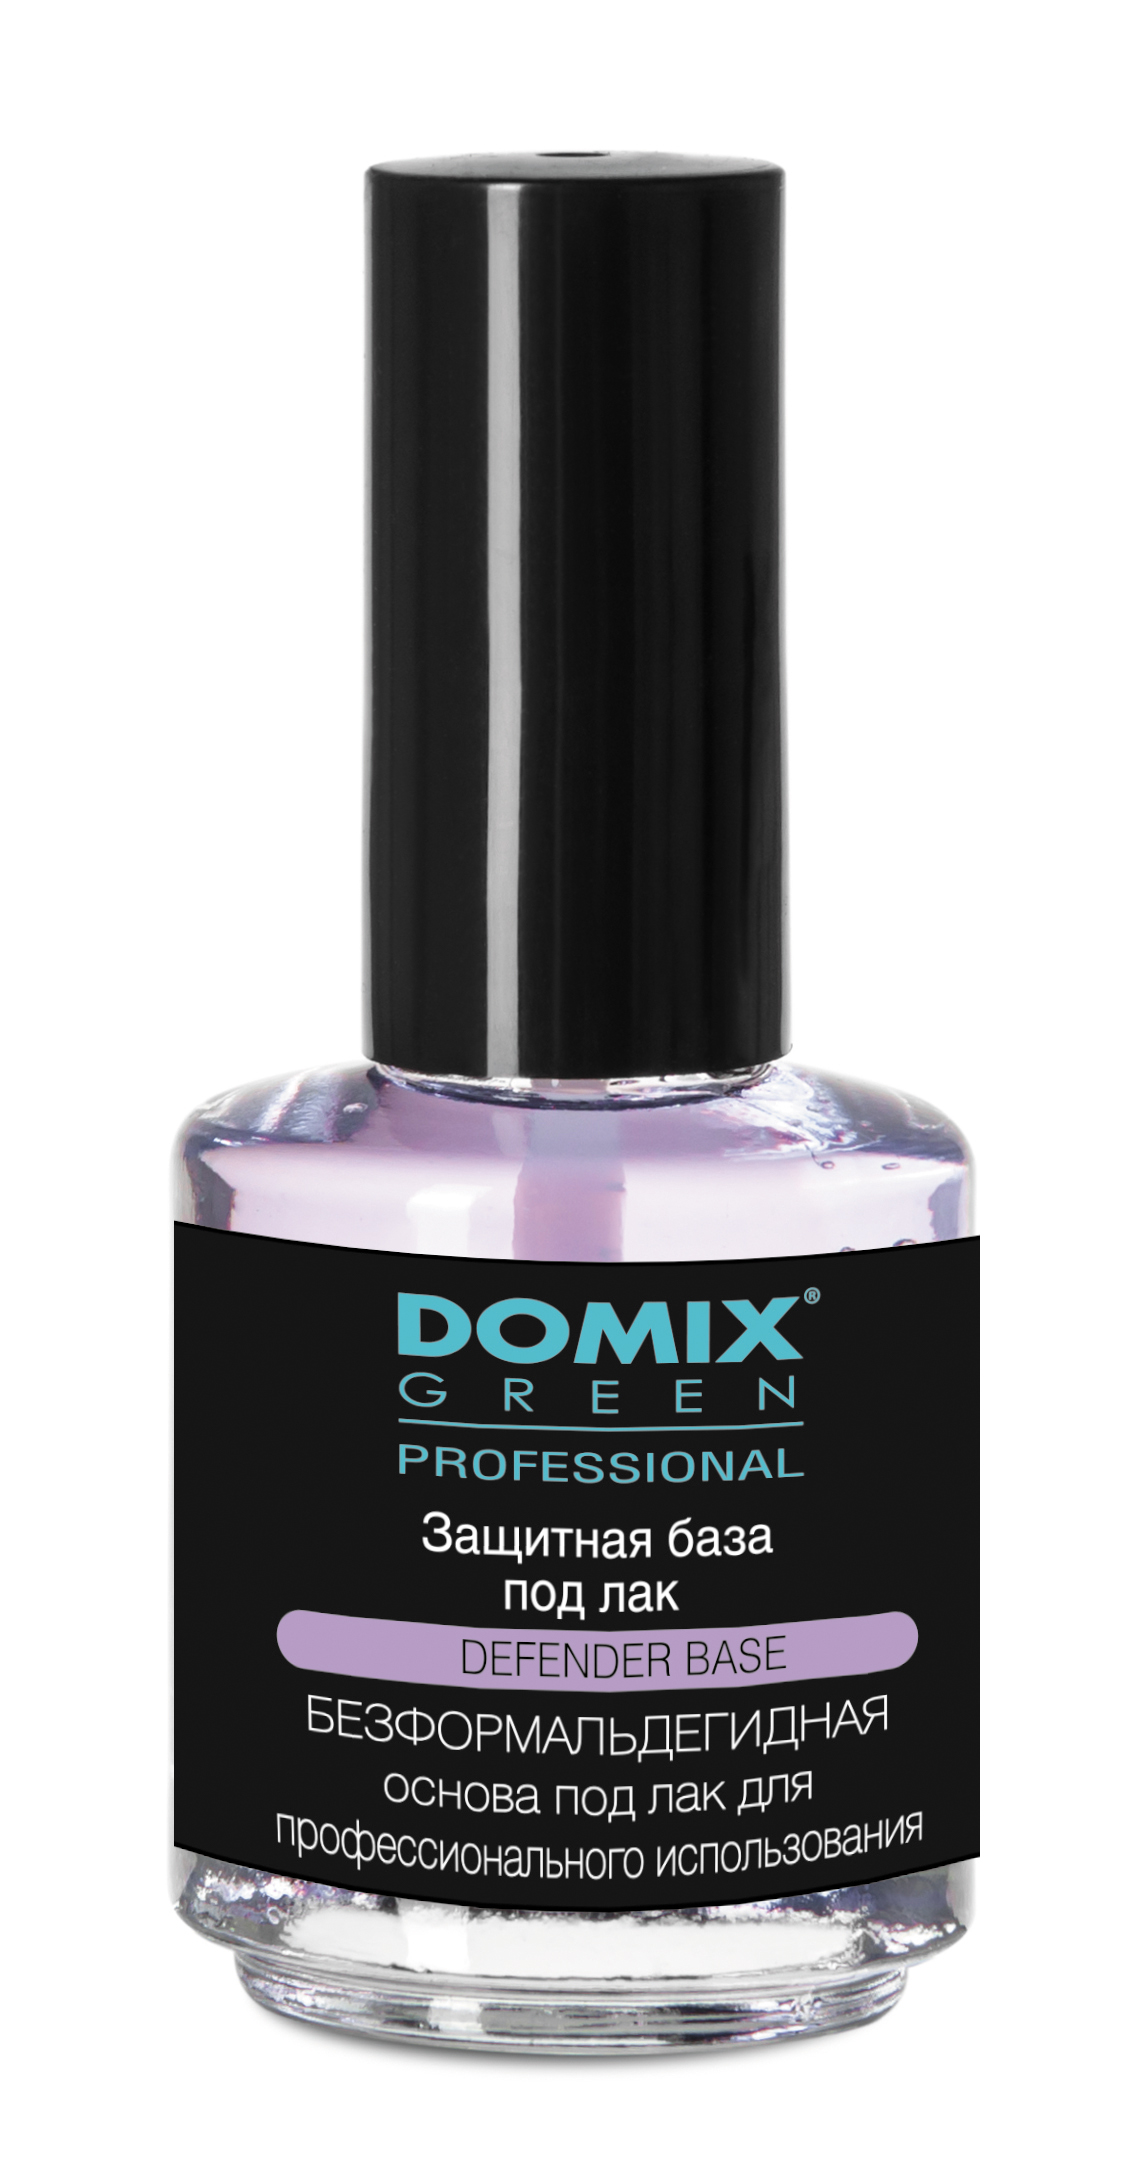 DOMIX База защитная под лак / DGP 17 мл